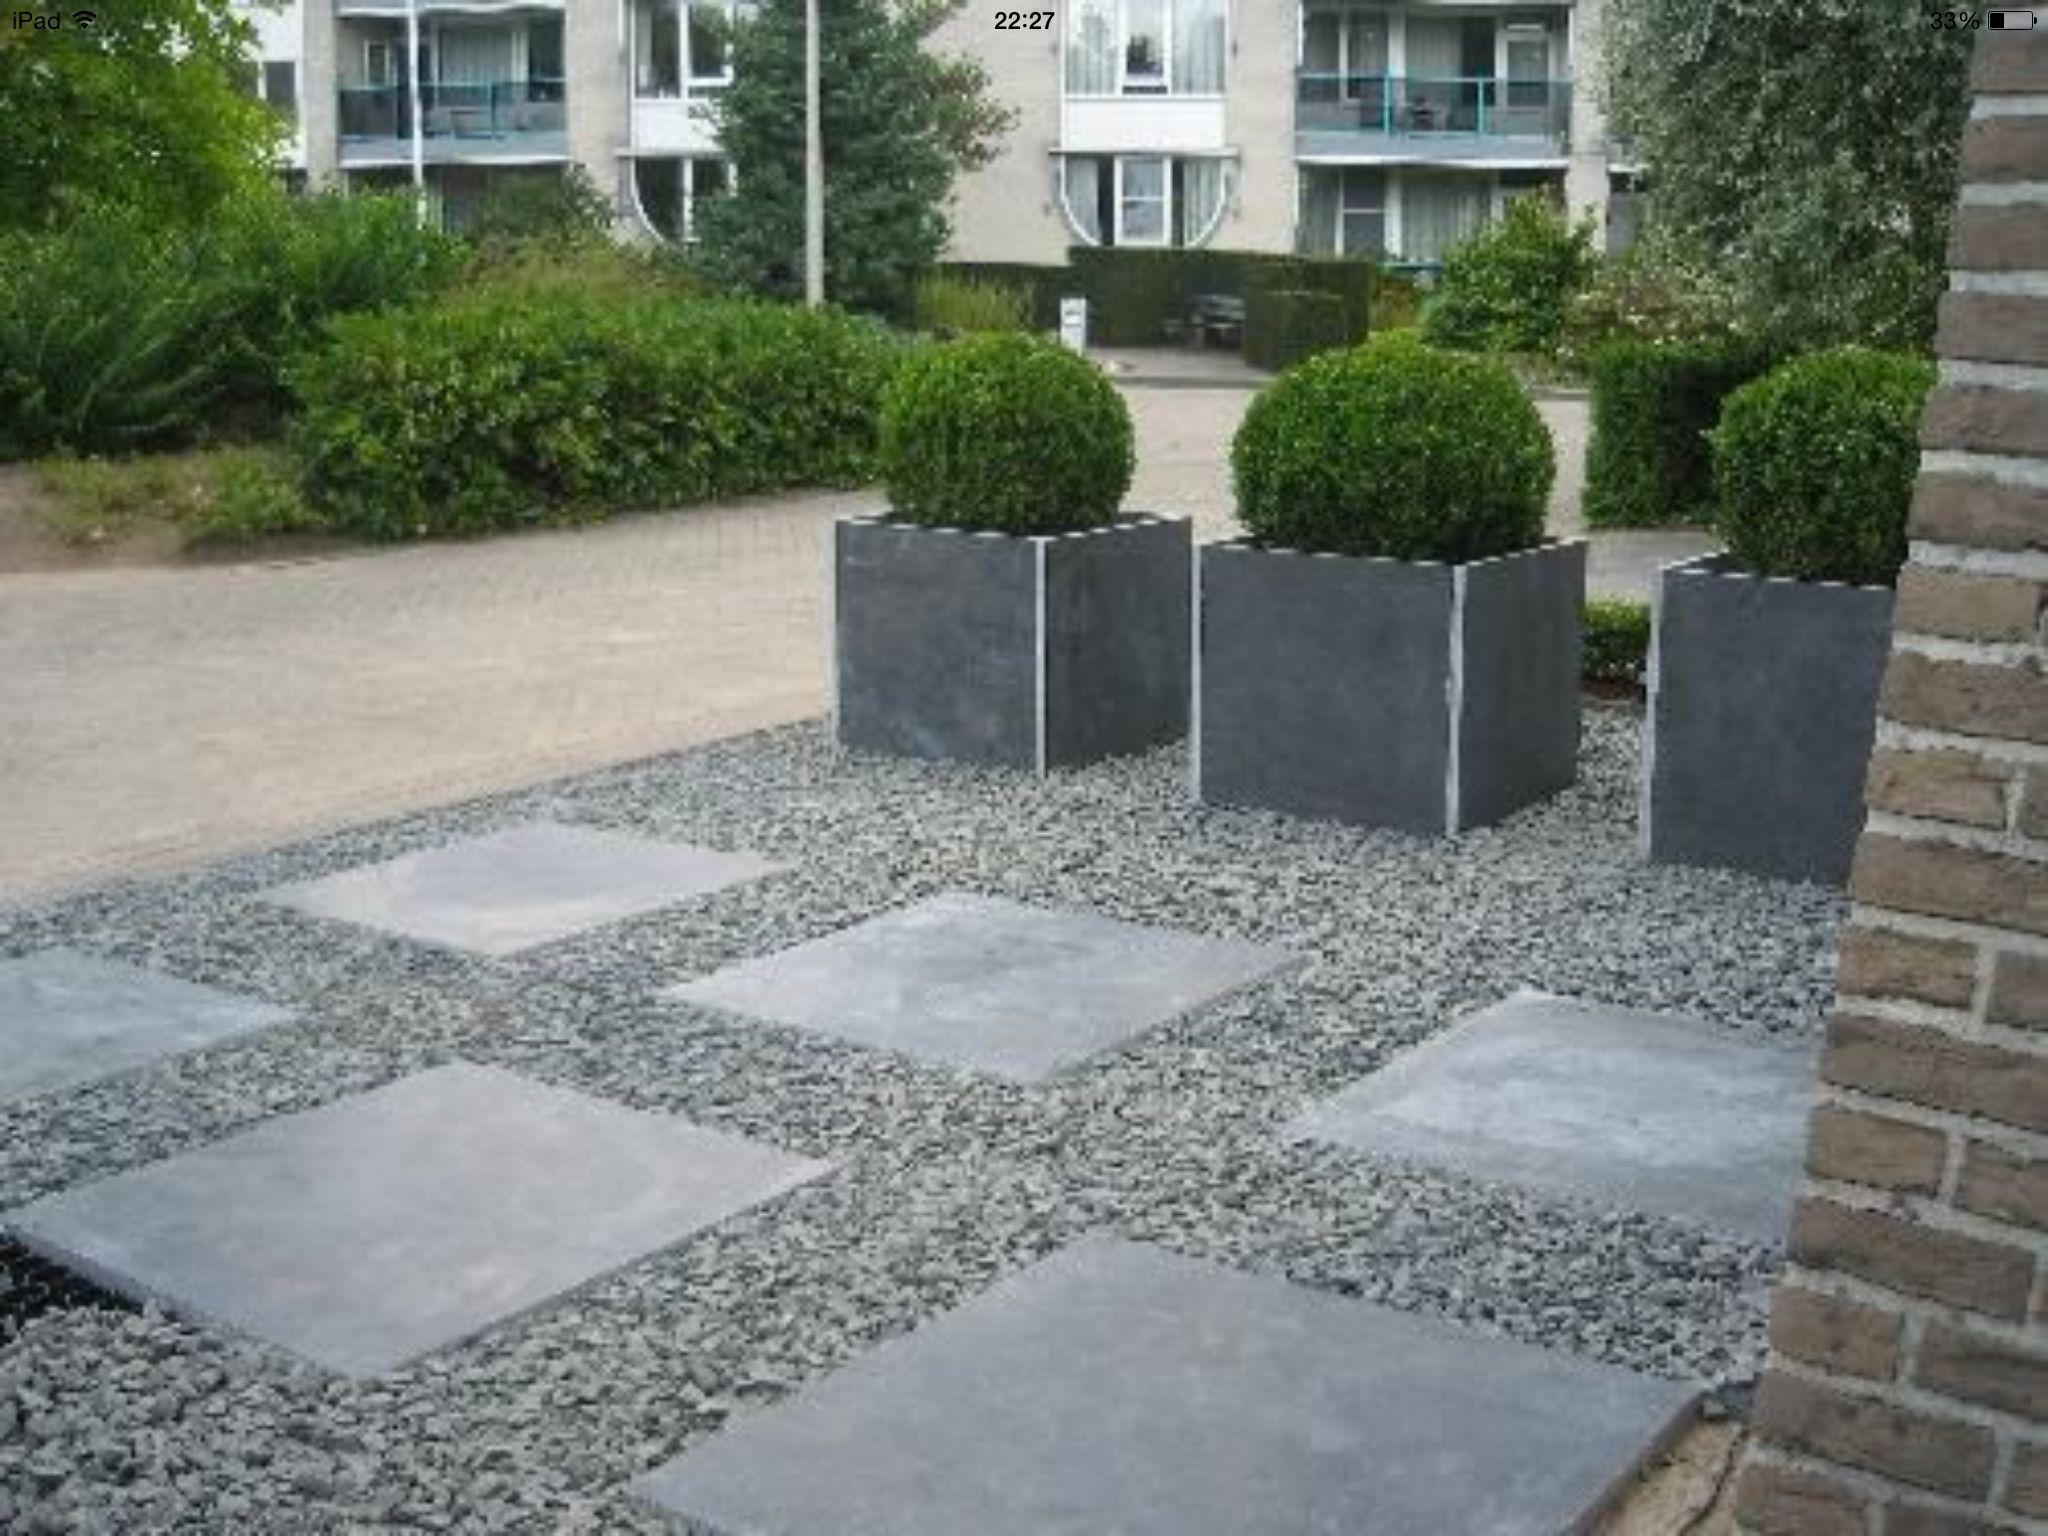 Nog een voorbeeld van de combinatie tegels grind op oprit my style pinterest driveways - Doen redelijk oprit grind ...